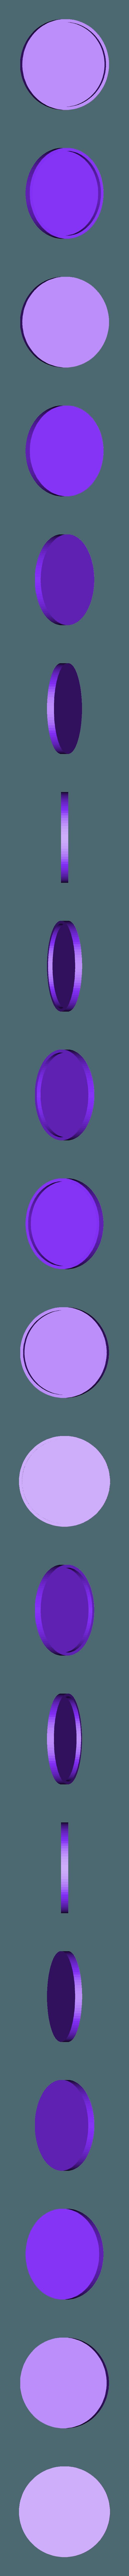 Stand_cover_uni_diffuse.stl Télécharger fichier STL gratuit Support de modèle avec lumière • Plan imprimable en 3D, c47